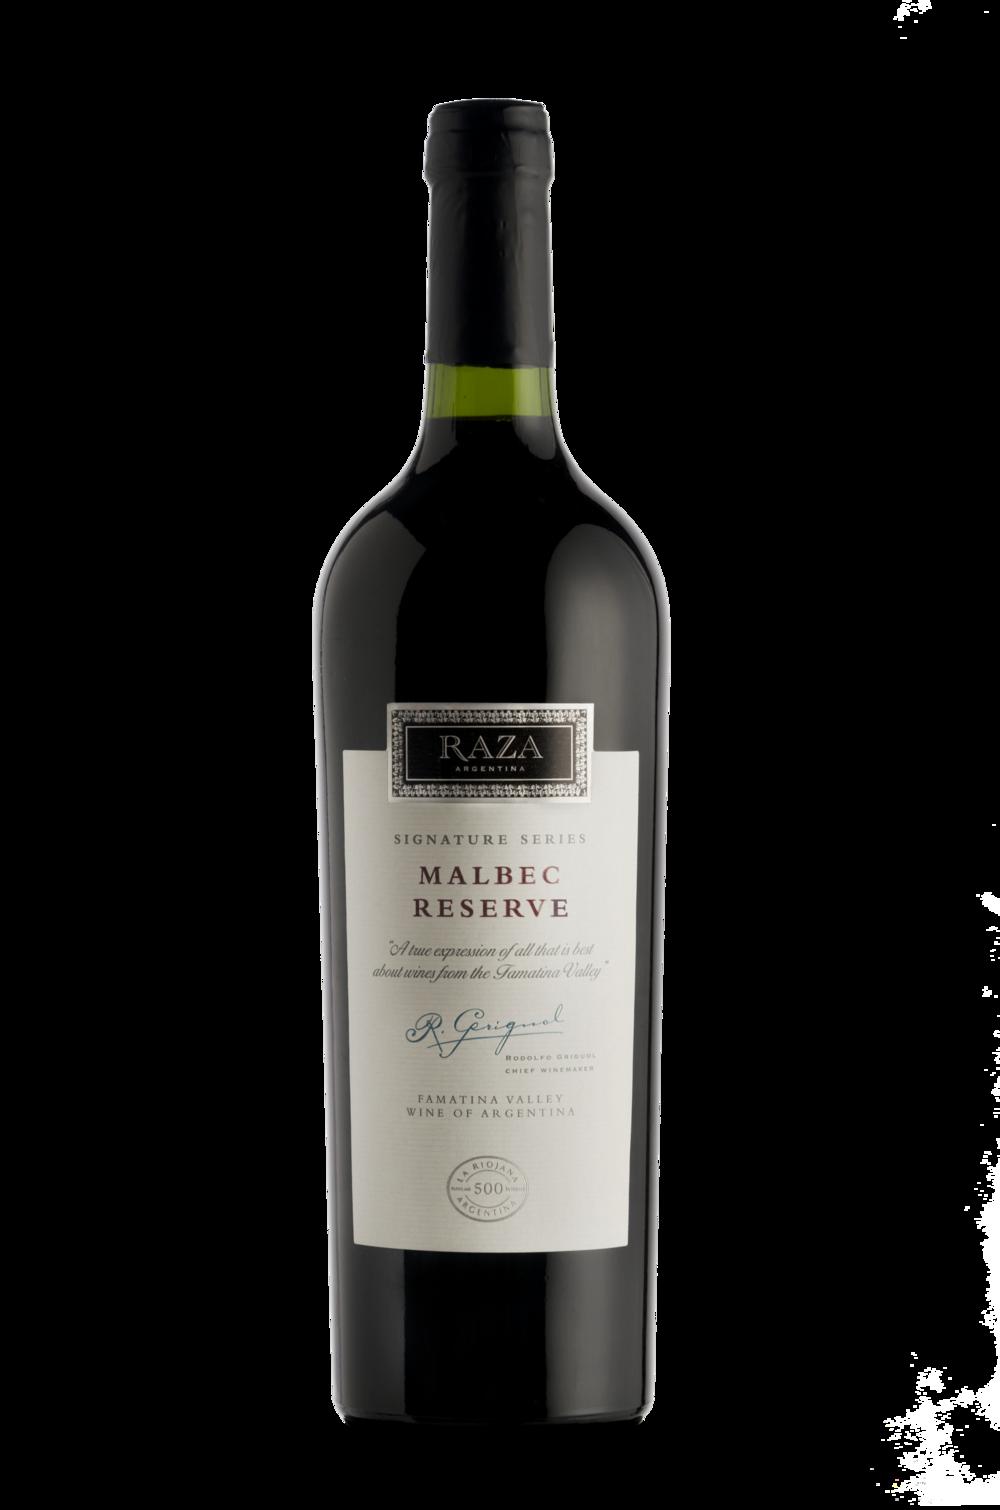 lariojana-packshot-raza-signatureseries-reserve-malbec.png